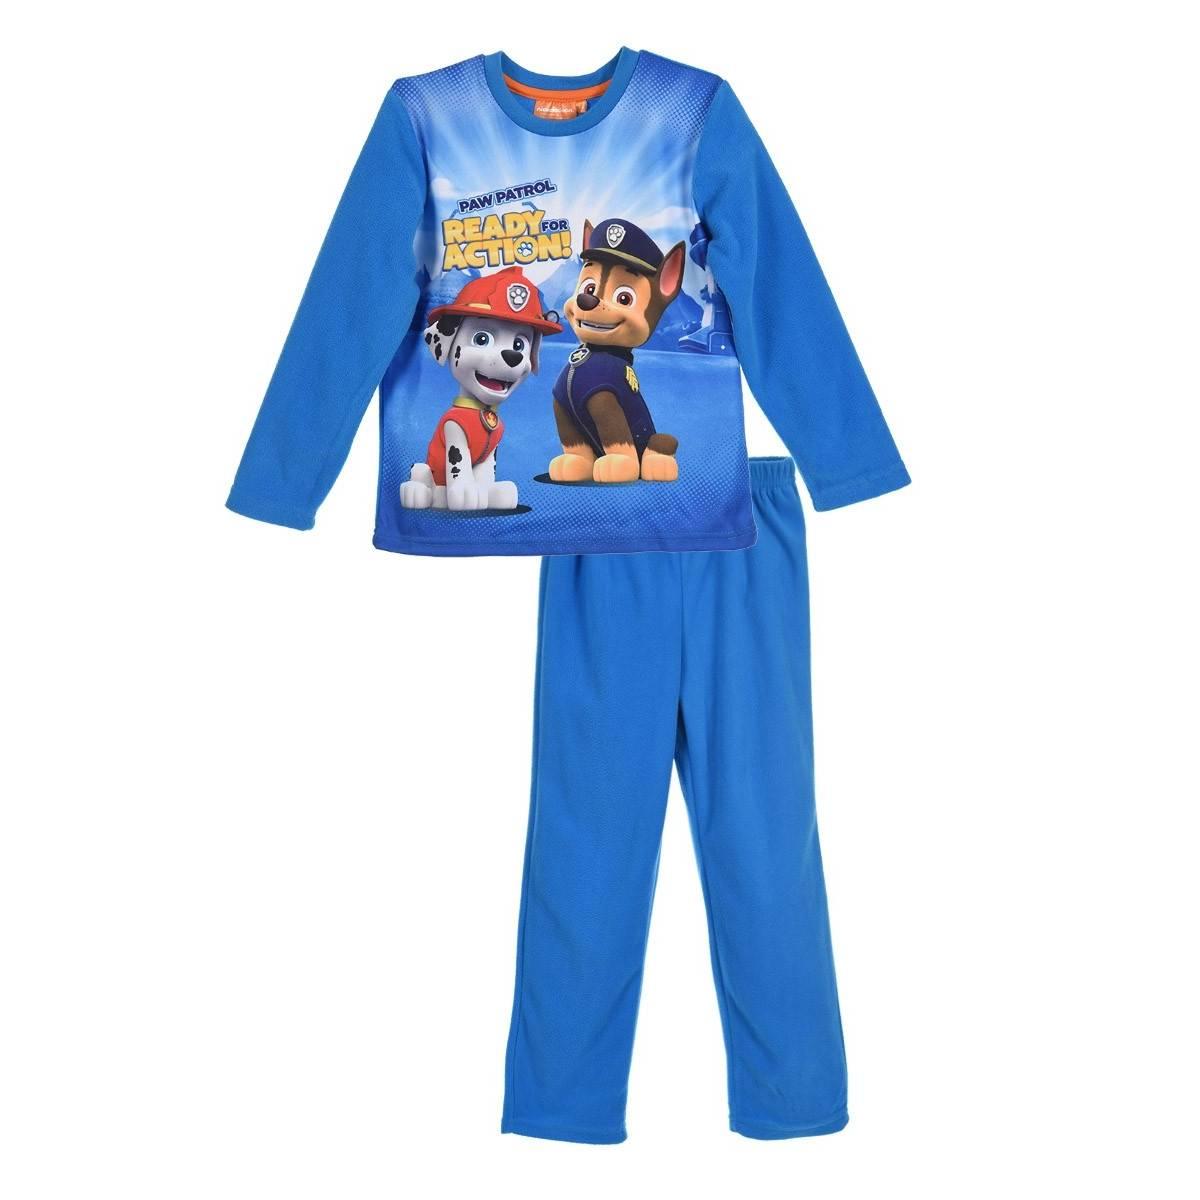 La Pat'Patrouille - Pyjama garçon matiere polaire imprimé - du 4 au 8 ans